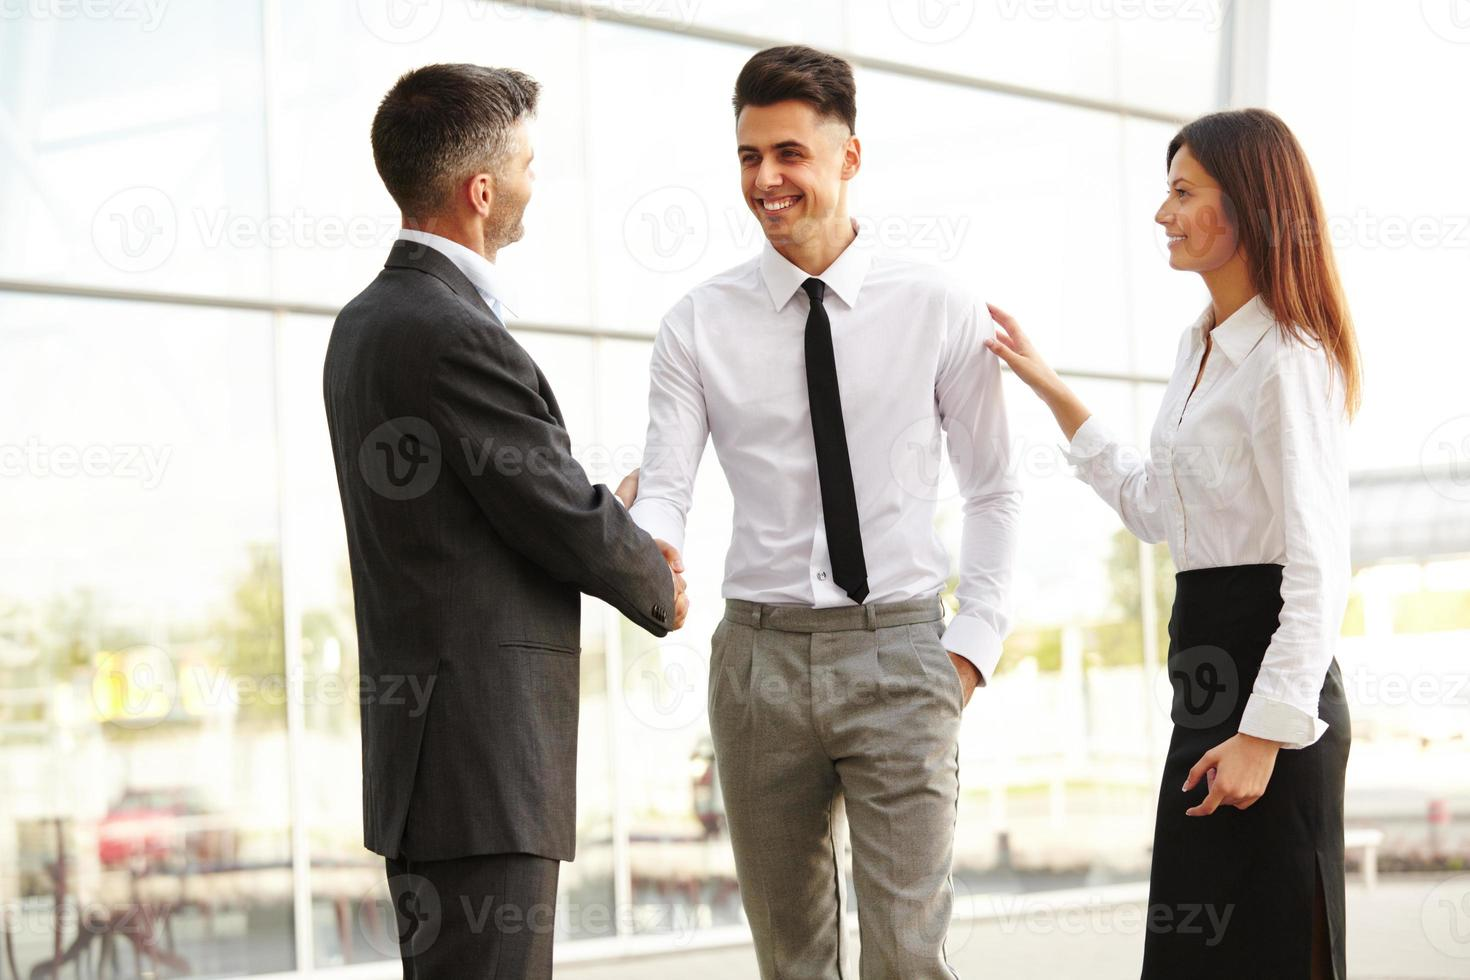 équipe commerciale. les gens se serrent la main pour communiquer entre eux photo